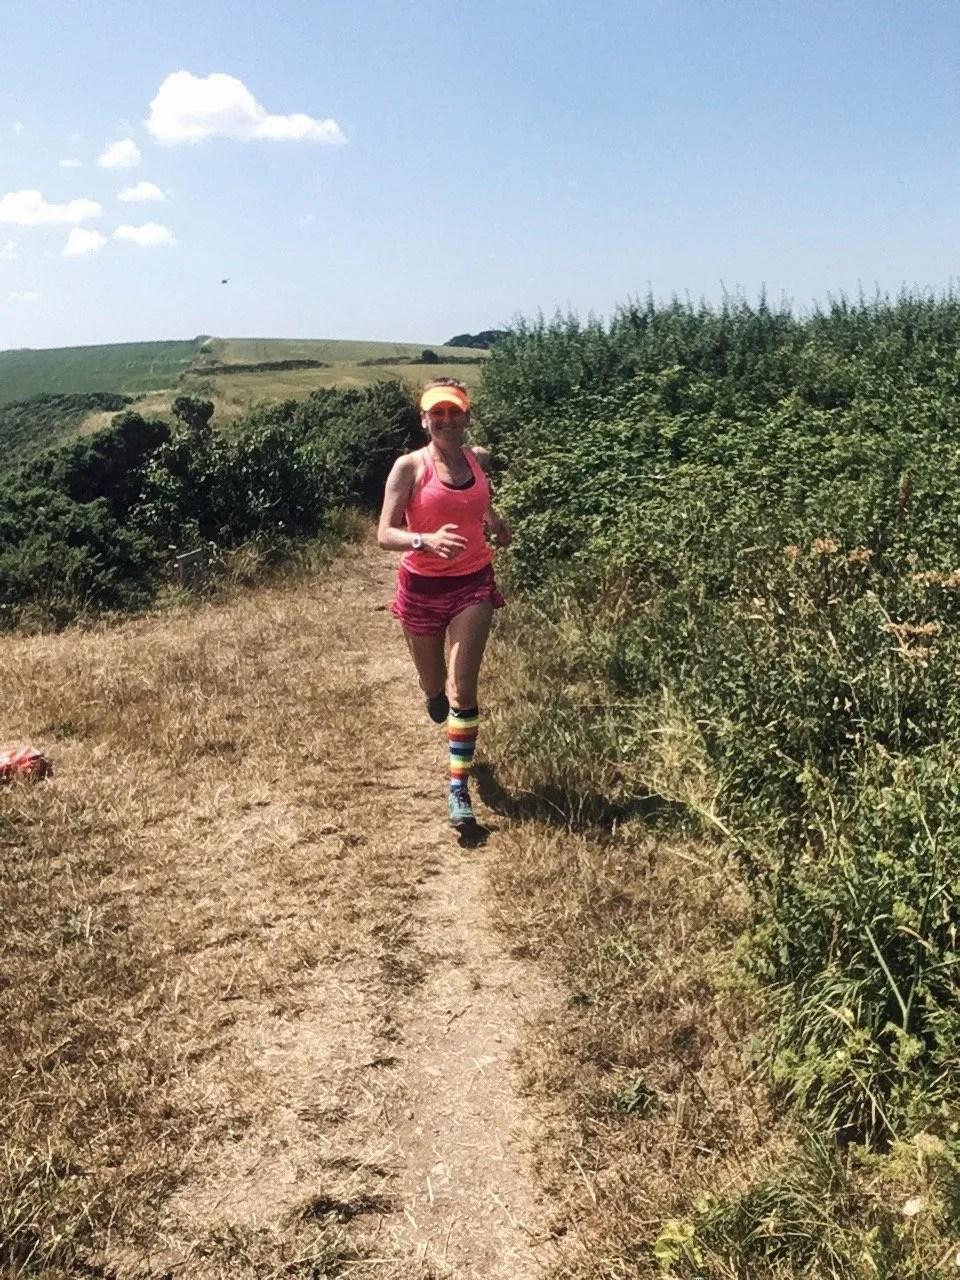 Woman Running Wearing Pink